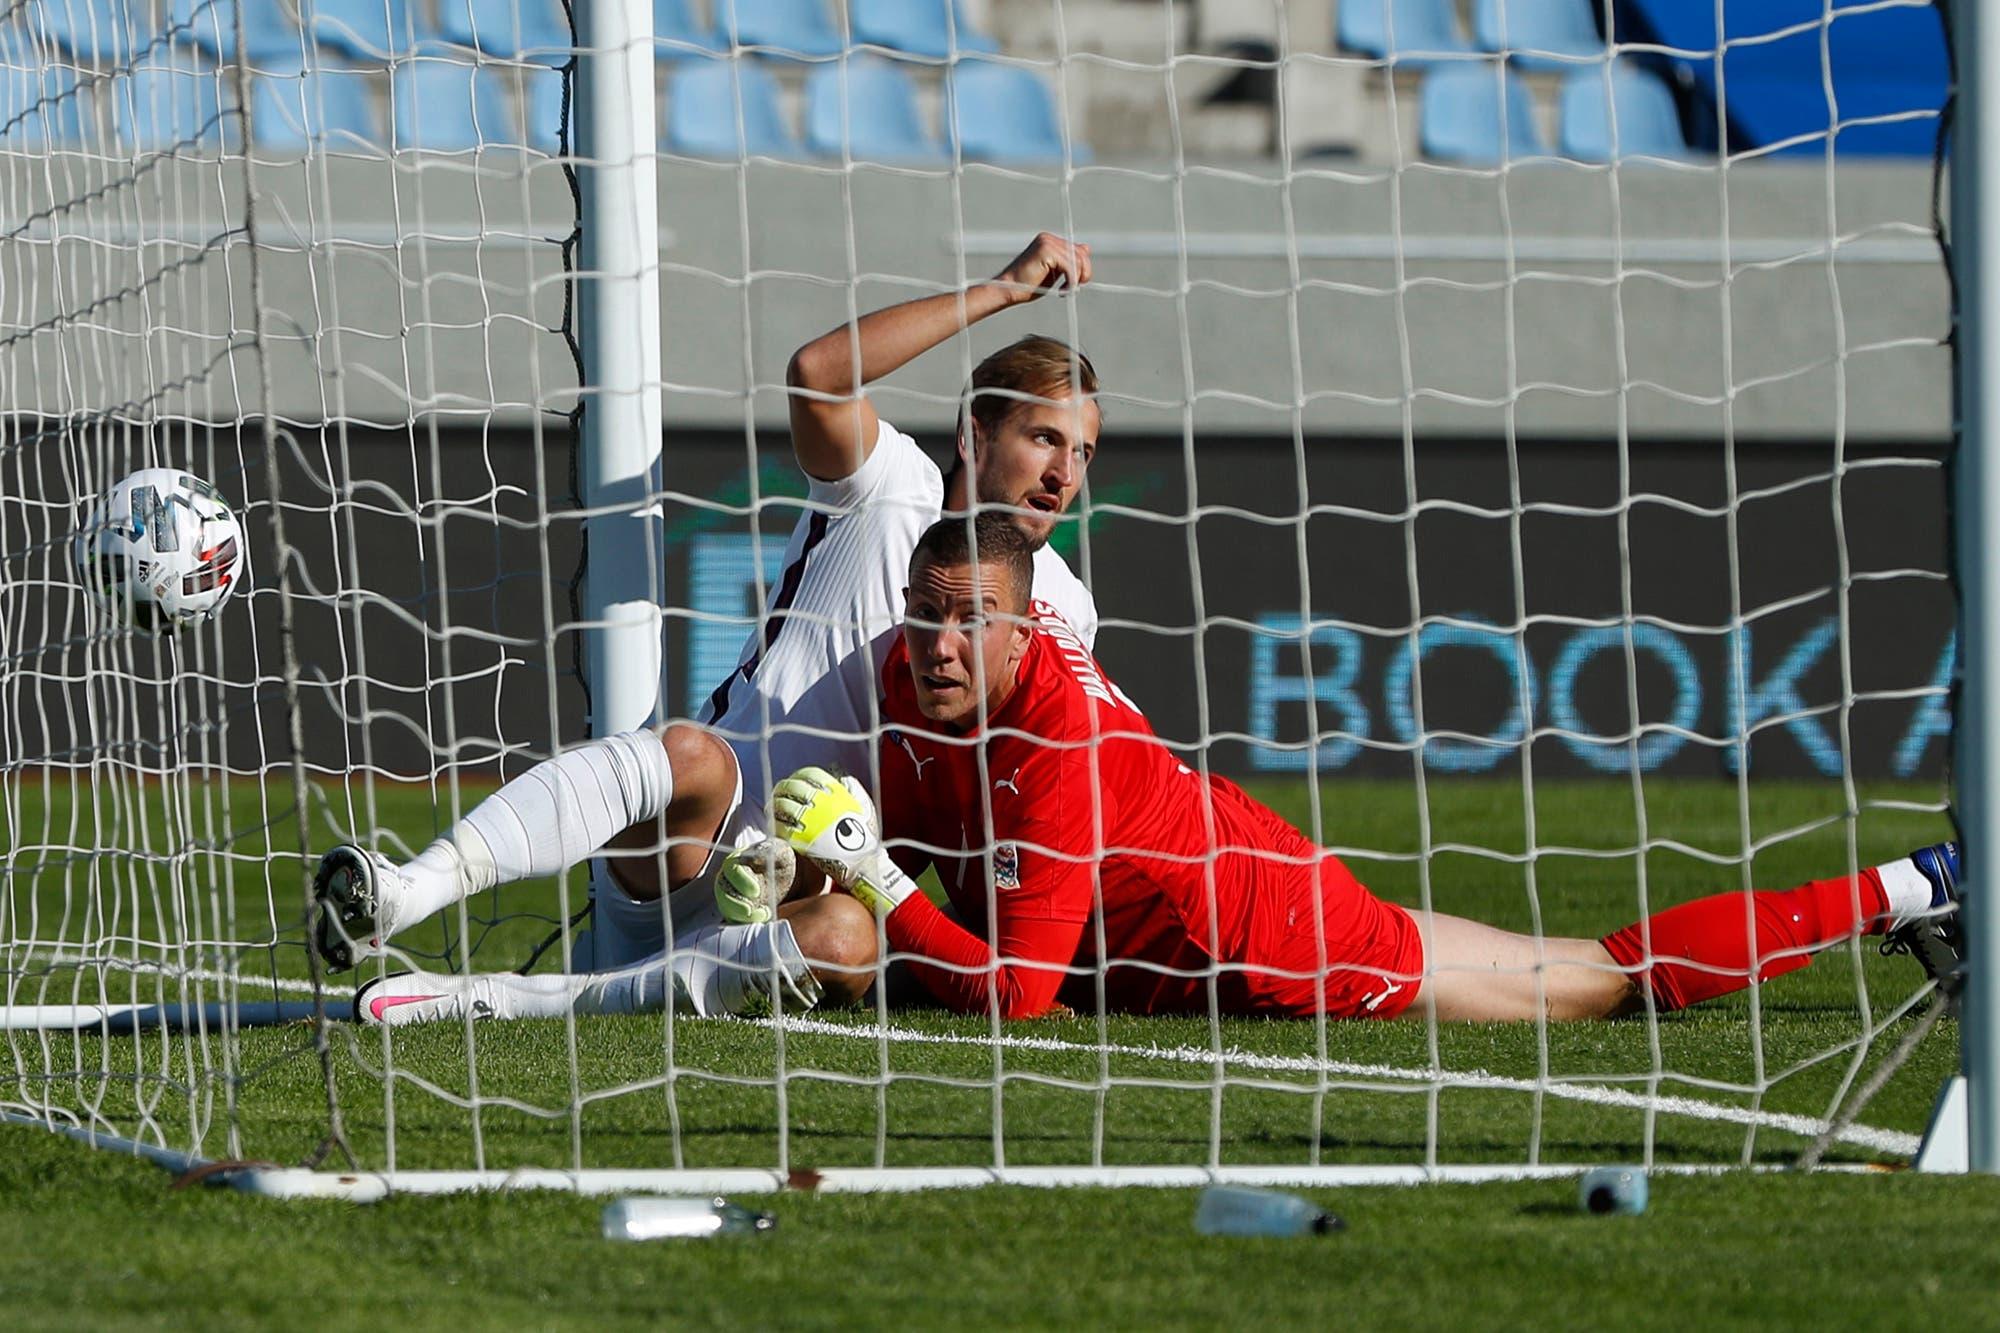 Liga de Naciones: el insólito triunfo de Inglaterra sobre Islandia con un jugador menos